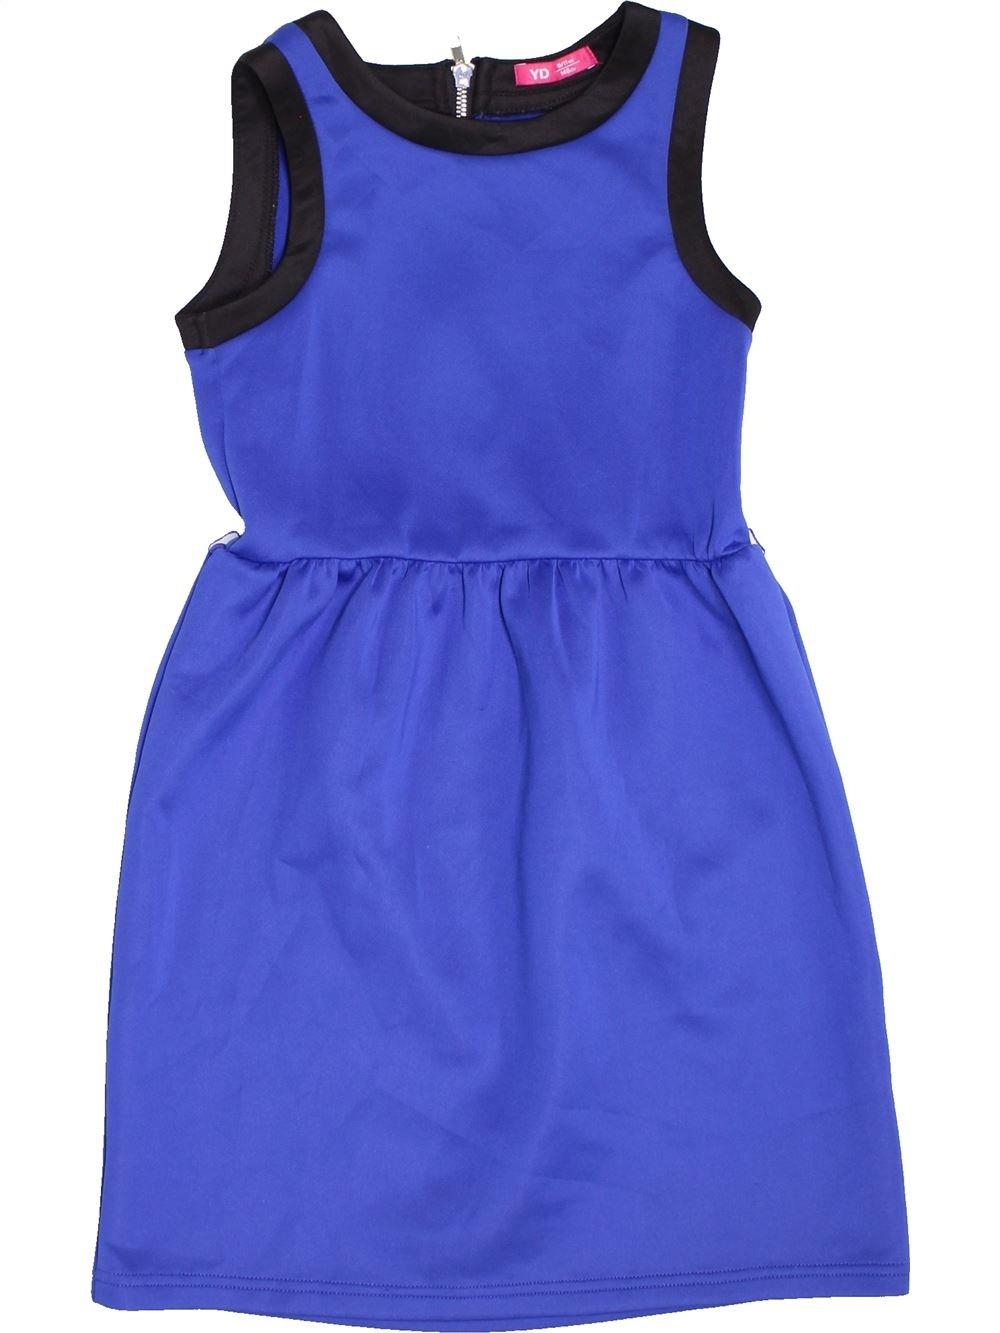 95d19542f2a Robe bleu PRIMARK du 11 ans pour Fille - 1413295